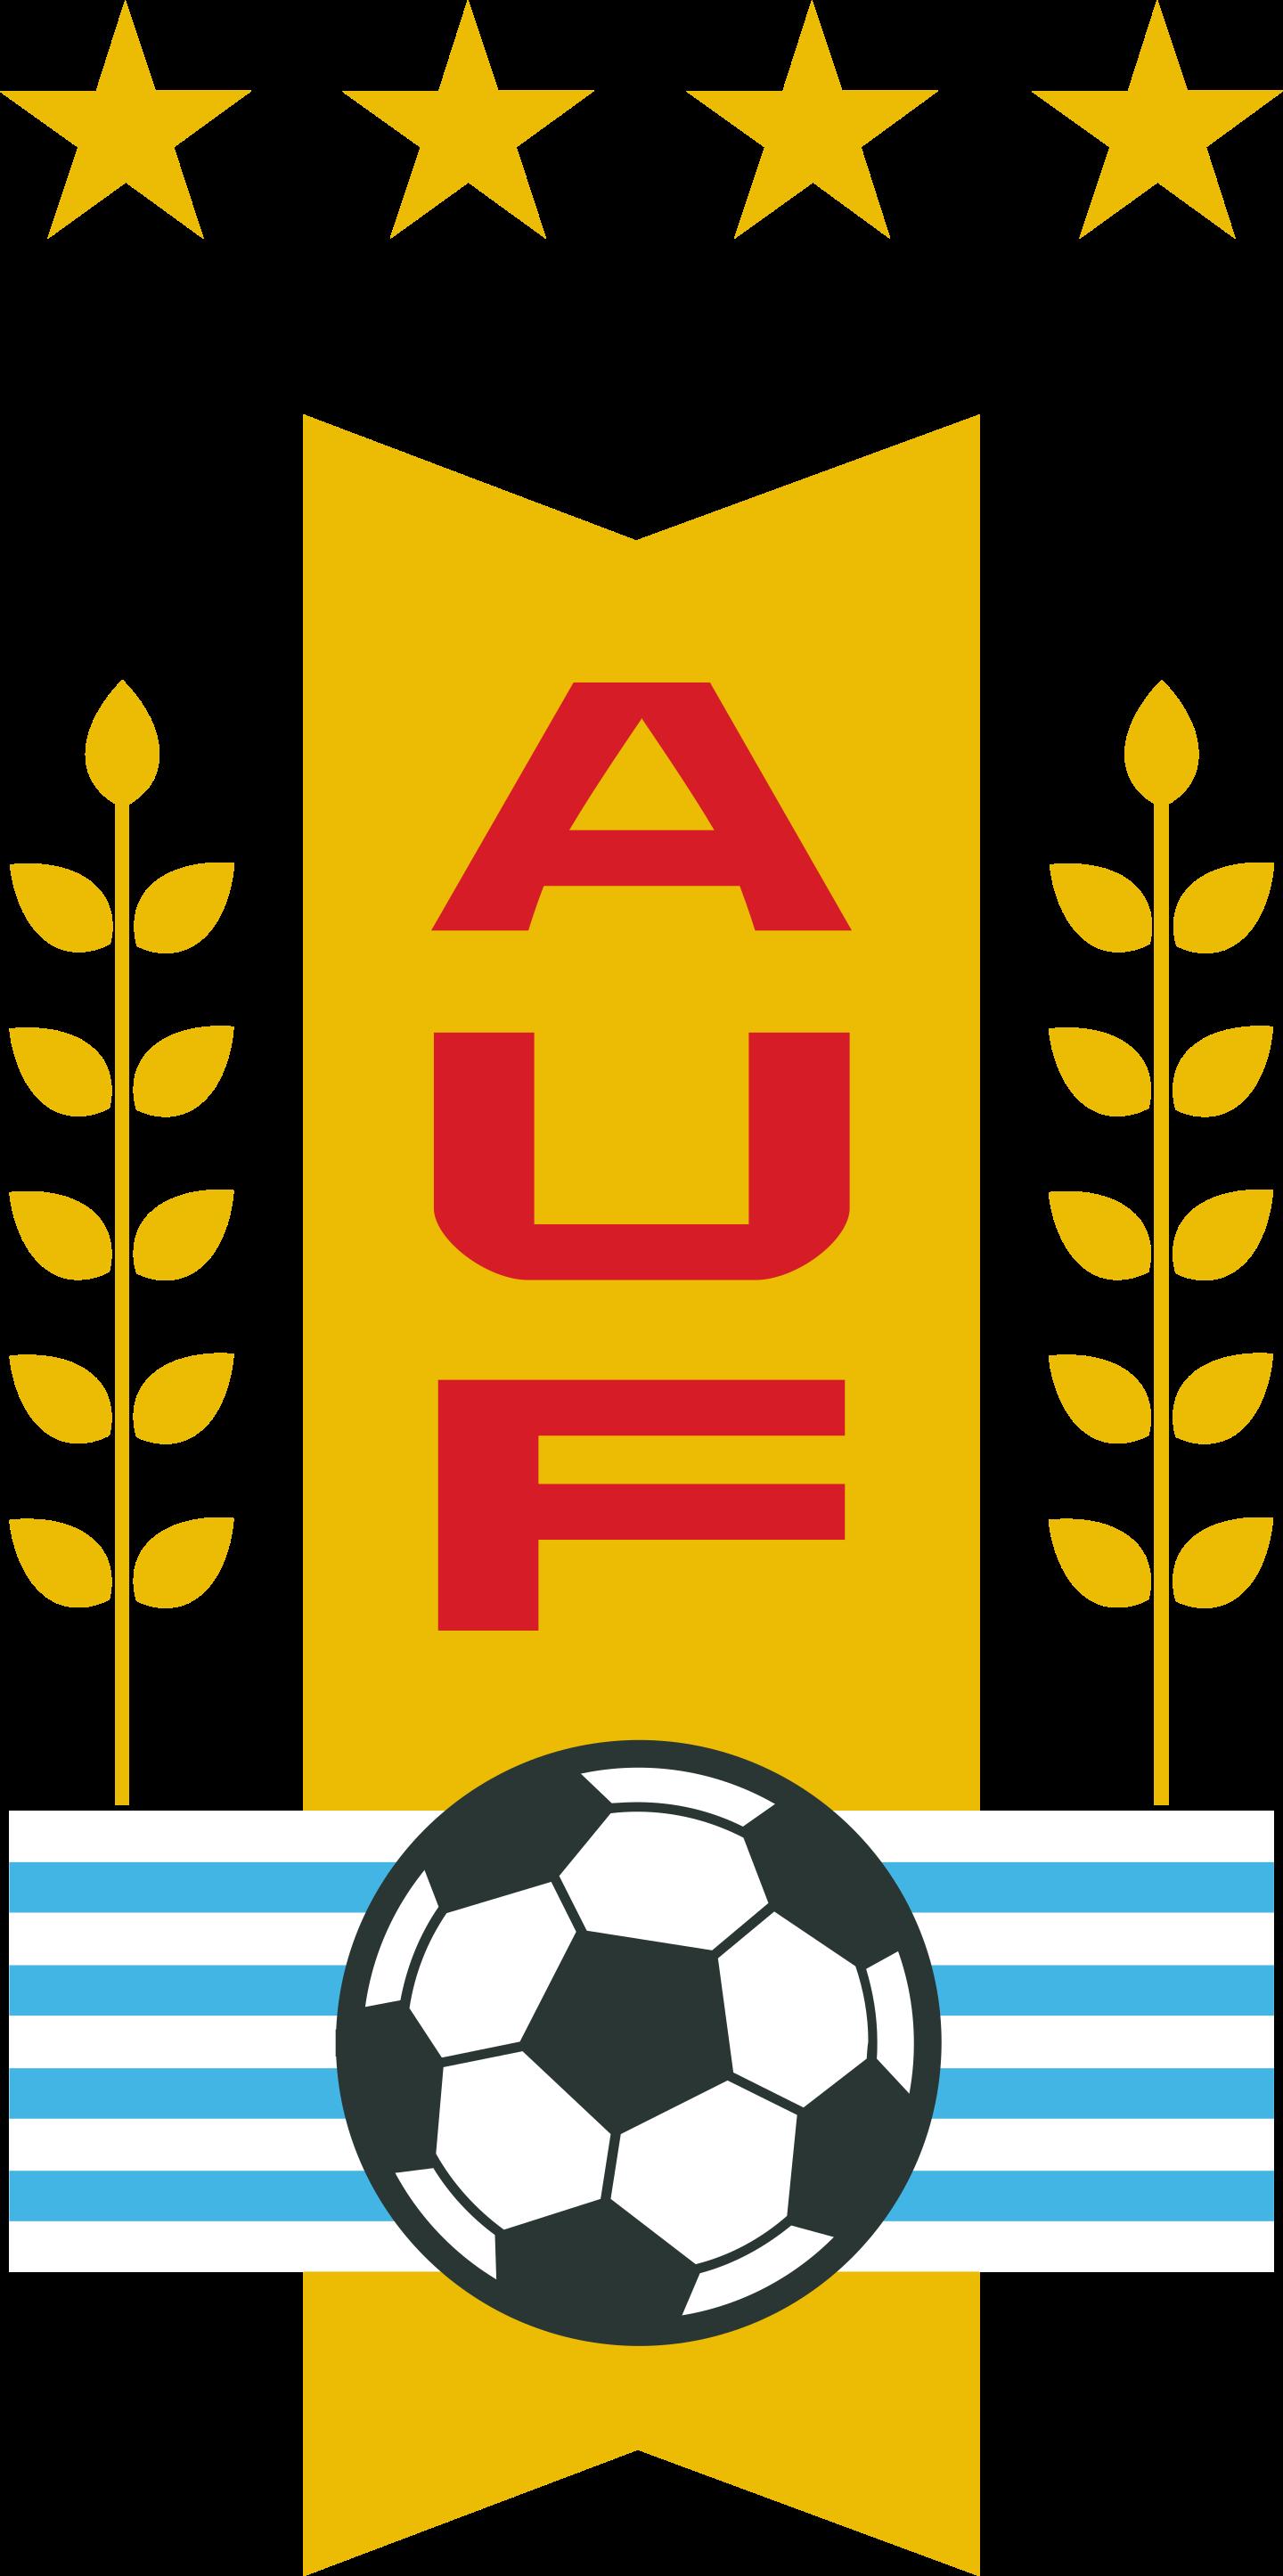 auf seleccion de futbol de uruguay logo 2 - AUF Logo - Selección de fútbol de Uruguay Logo